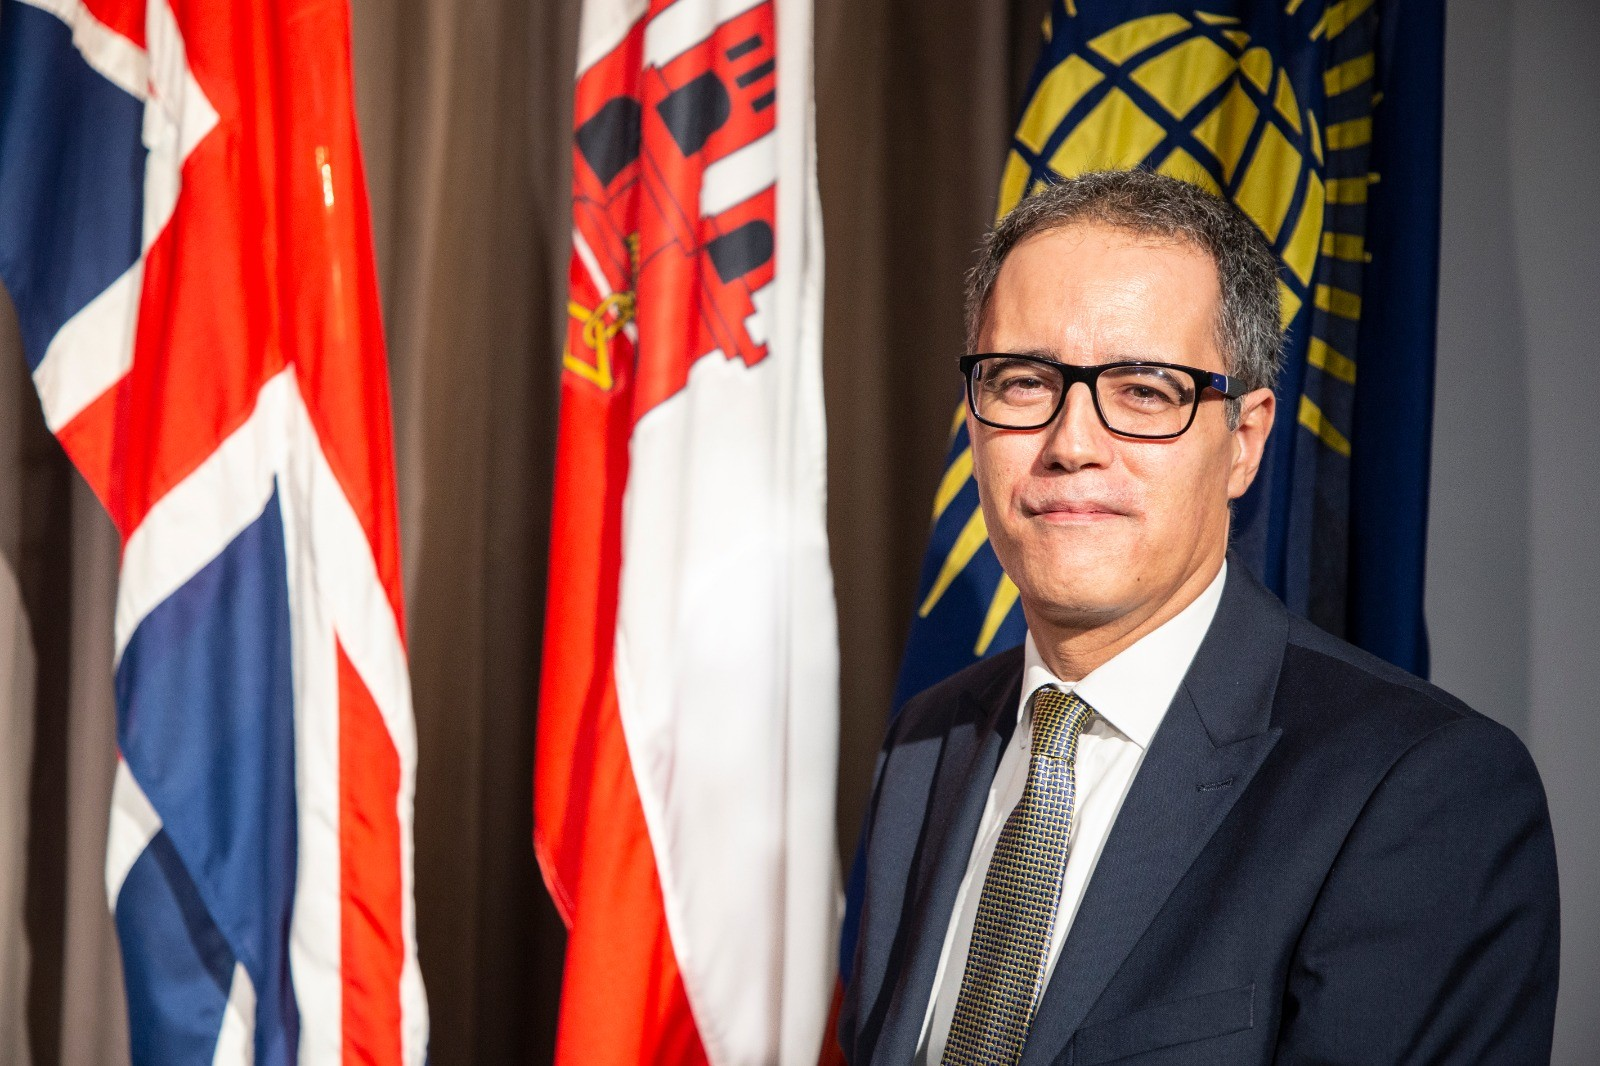 El ministro responsable de las relaciones con la Commonwealth, Joseph García. Foto GG